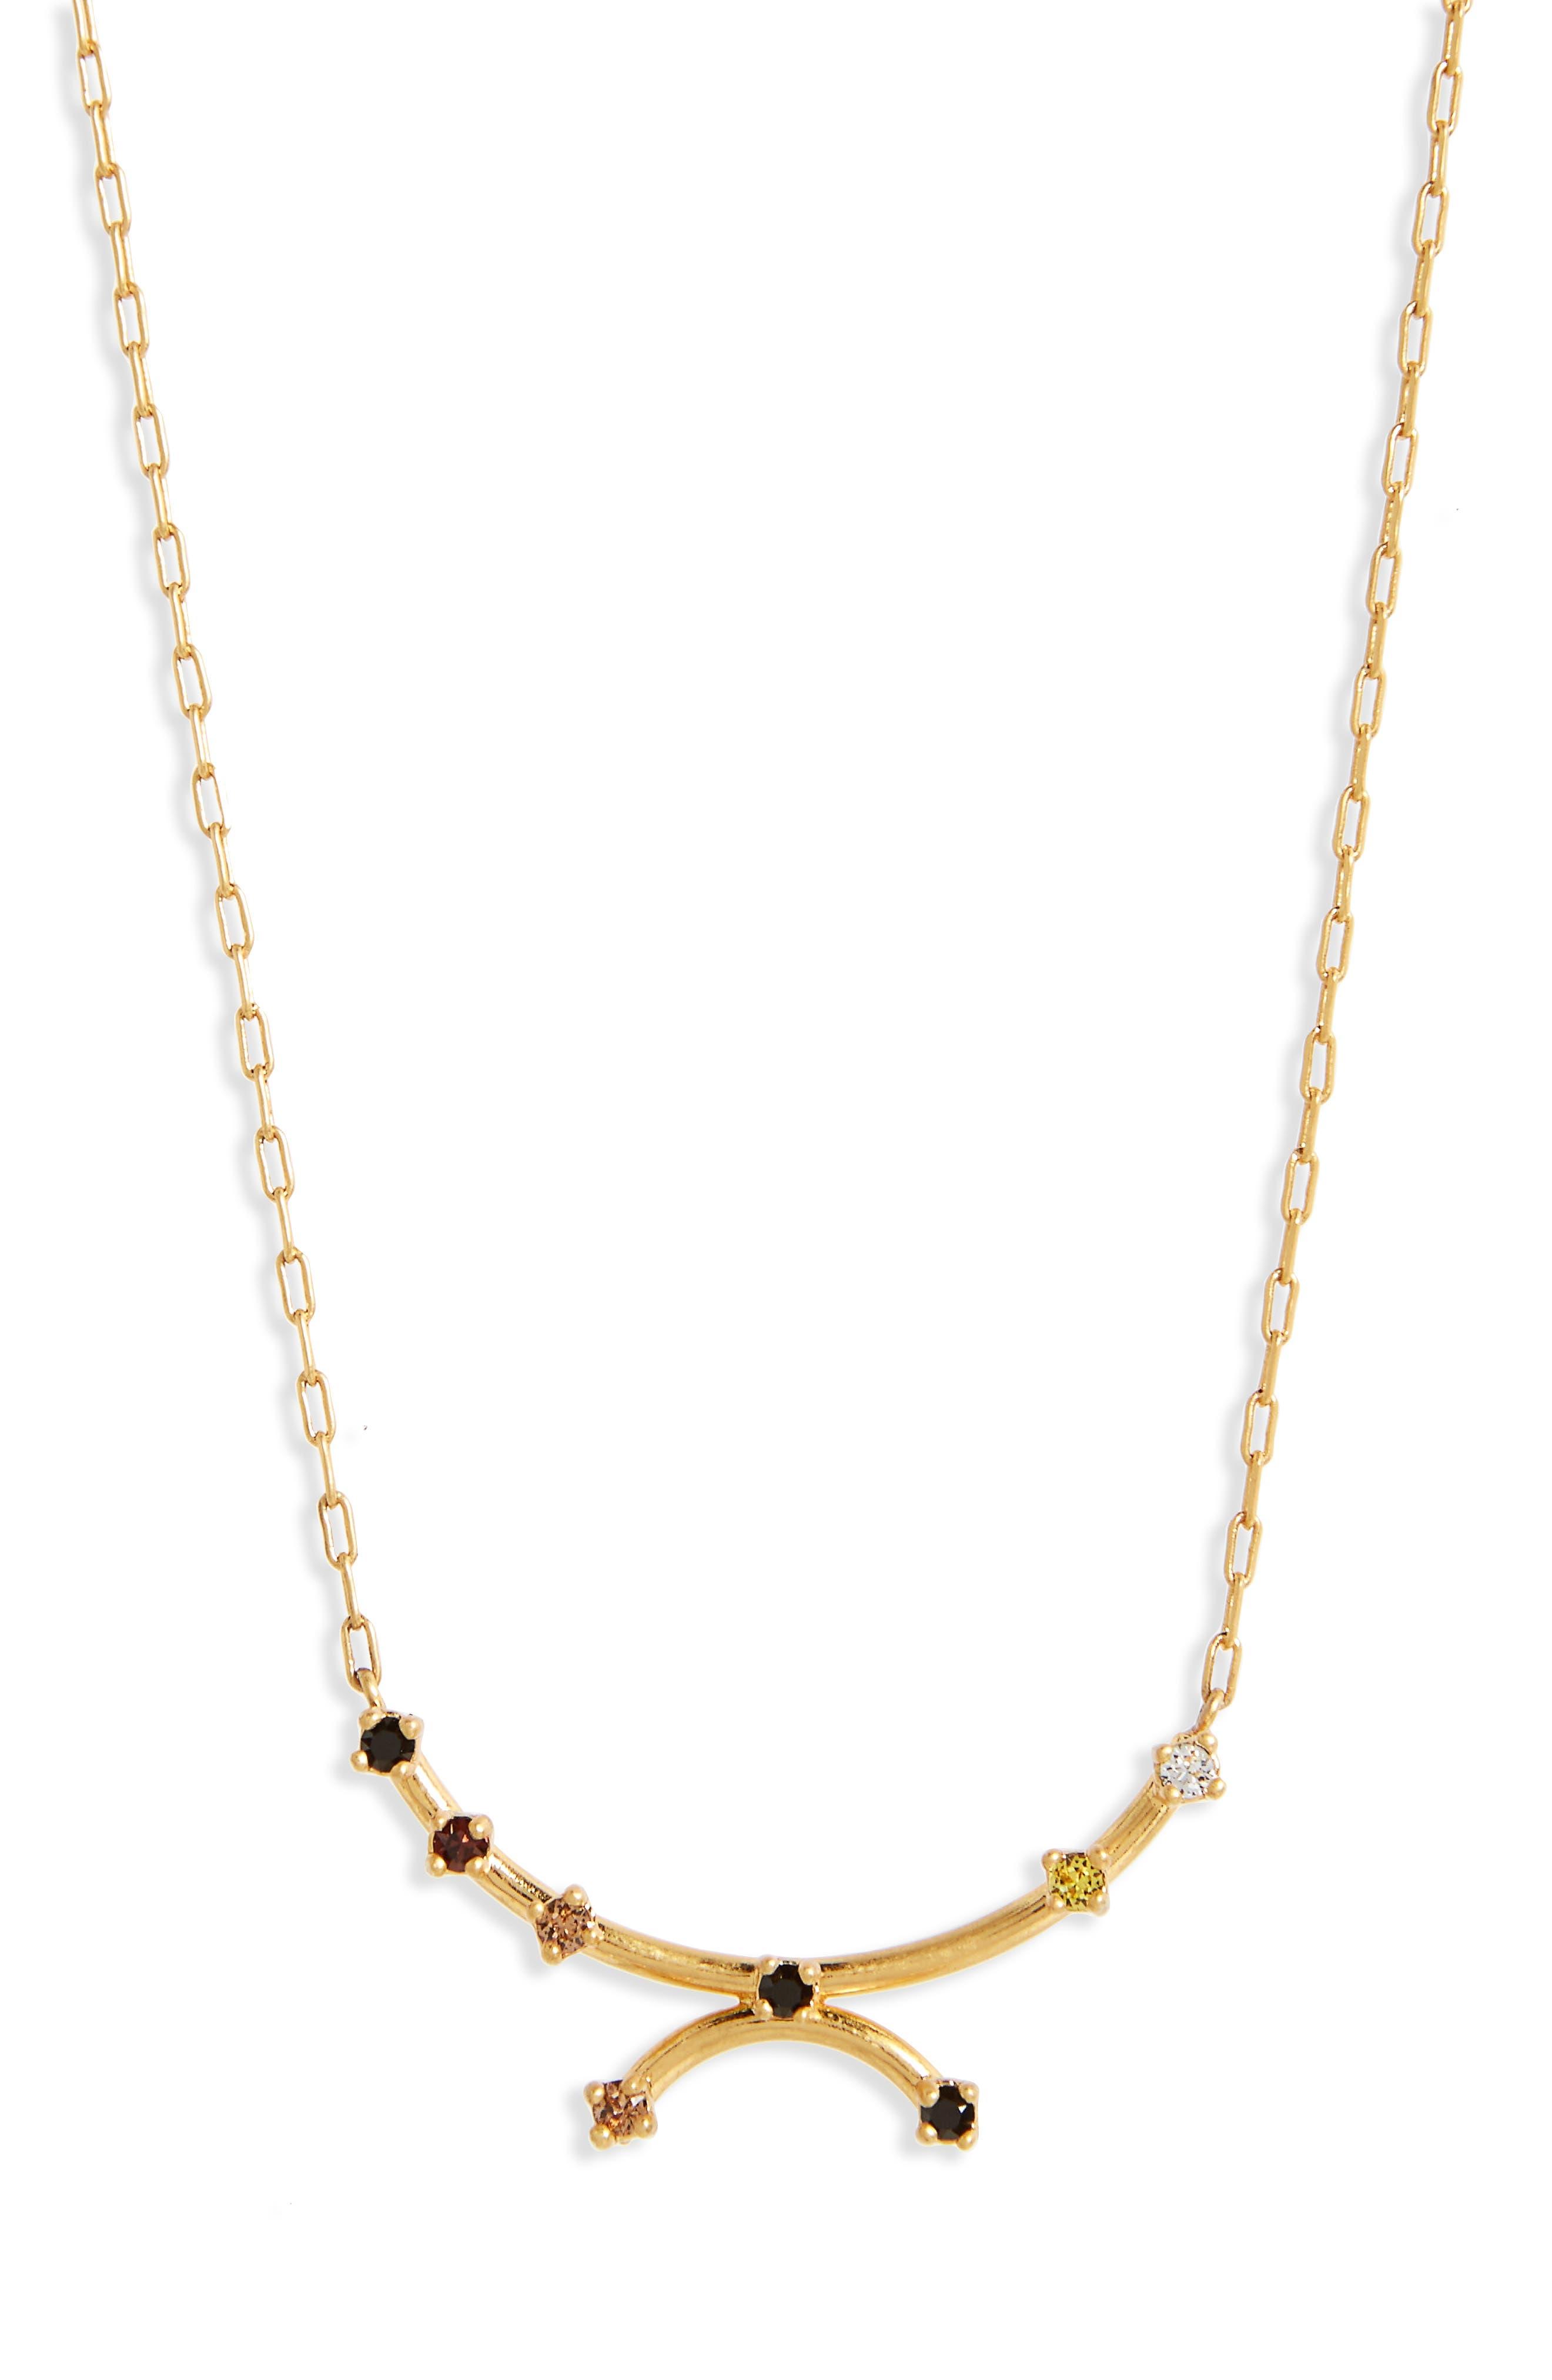 Gem Line Necklace,                             Main thumbnail 1, color,                             Vintage Gold